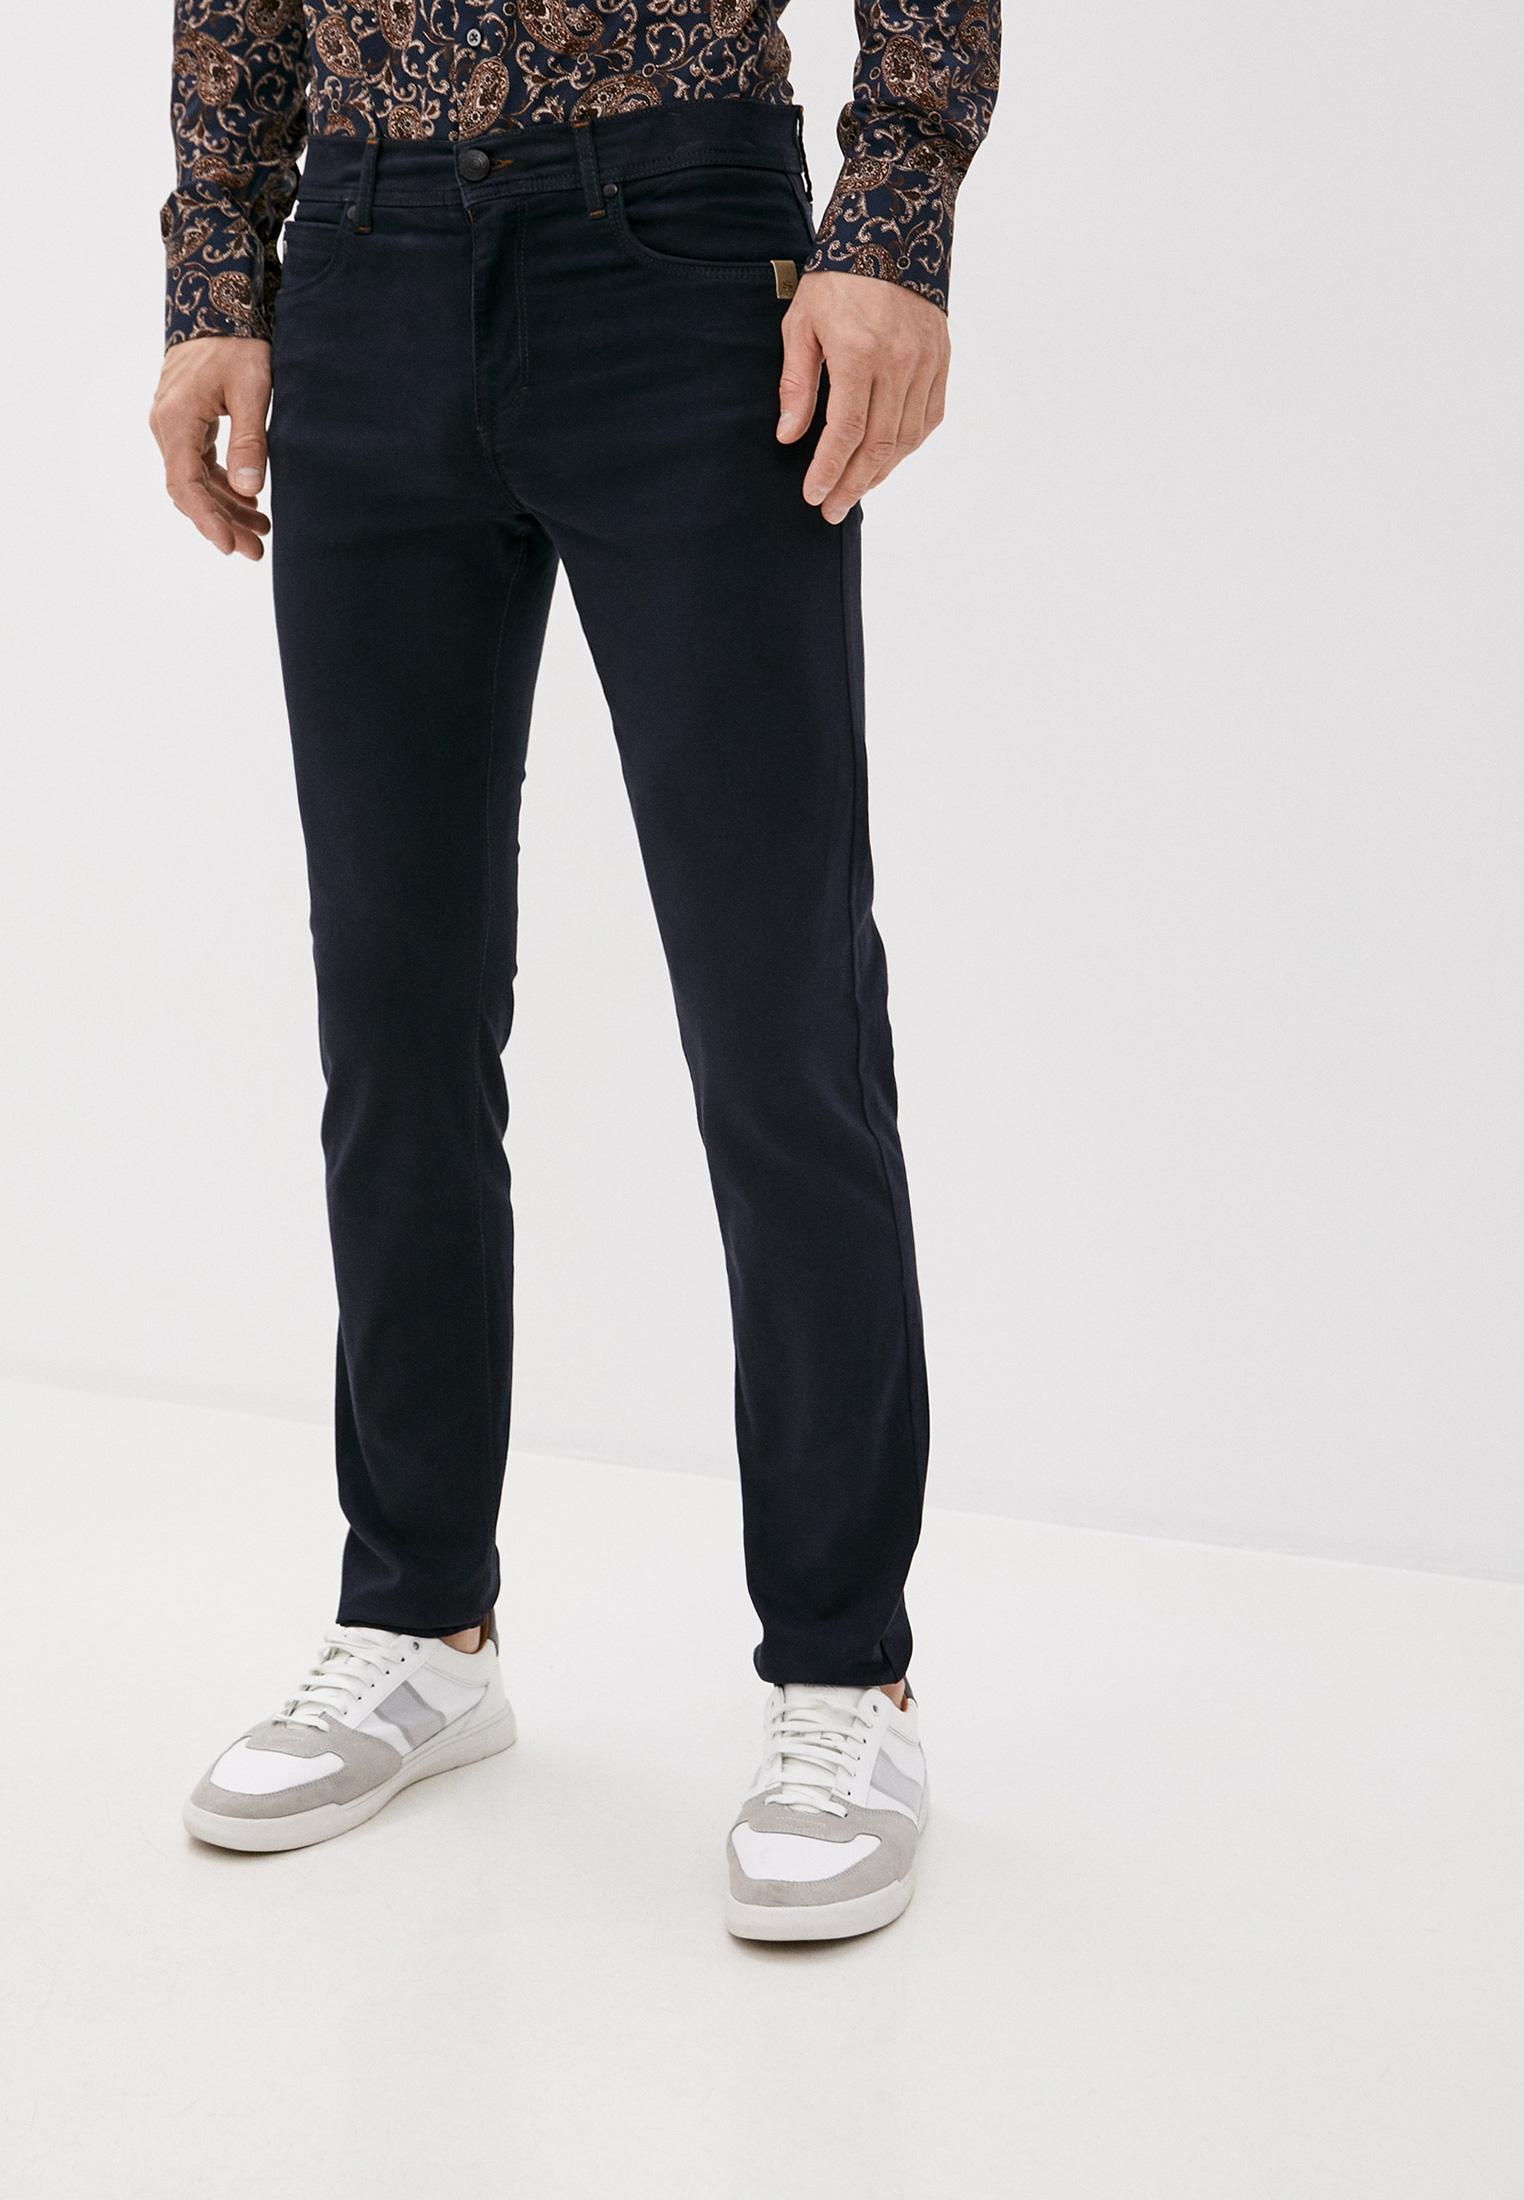 Мужские повседневные брюки Sand 031m27394